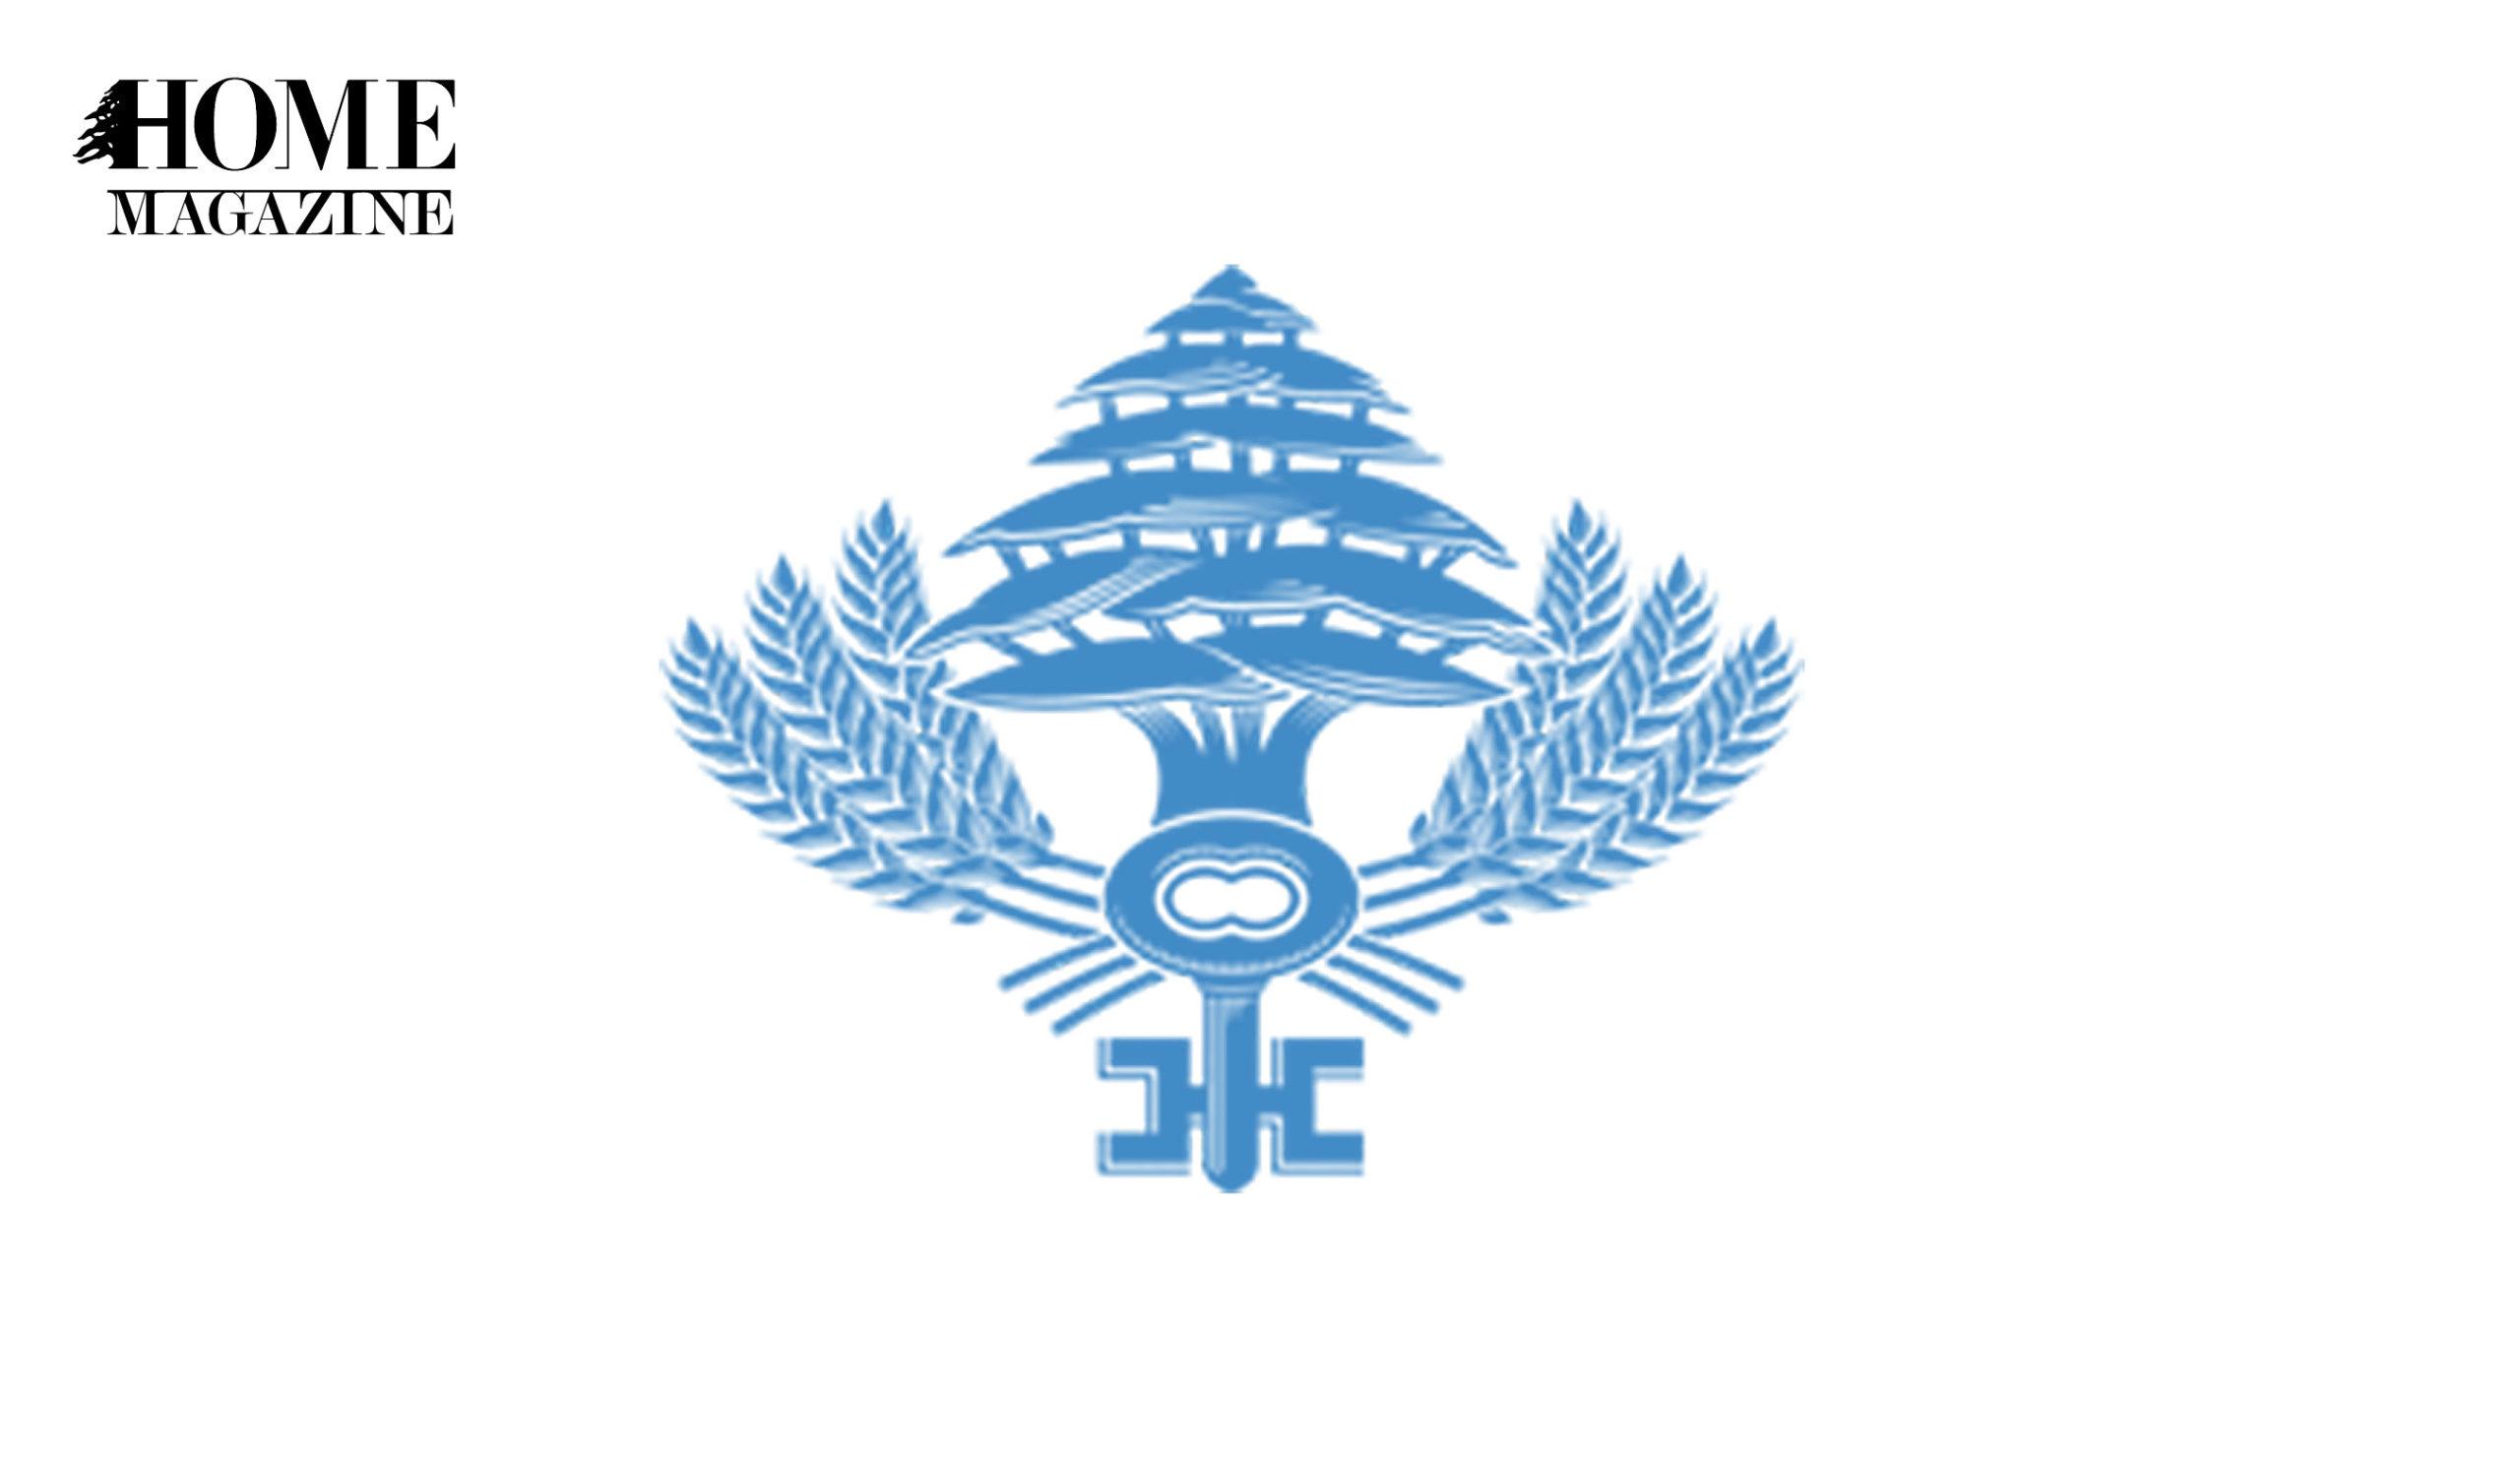 Blue logo of cedar tree